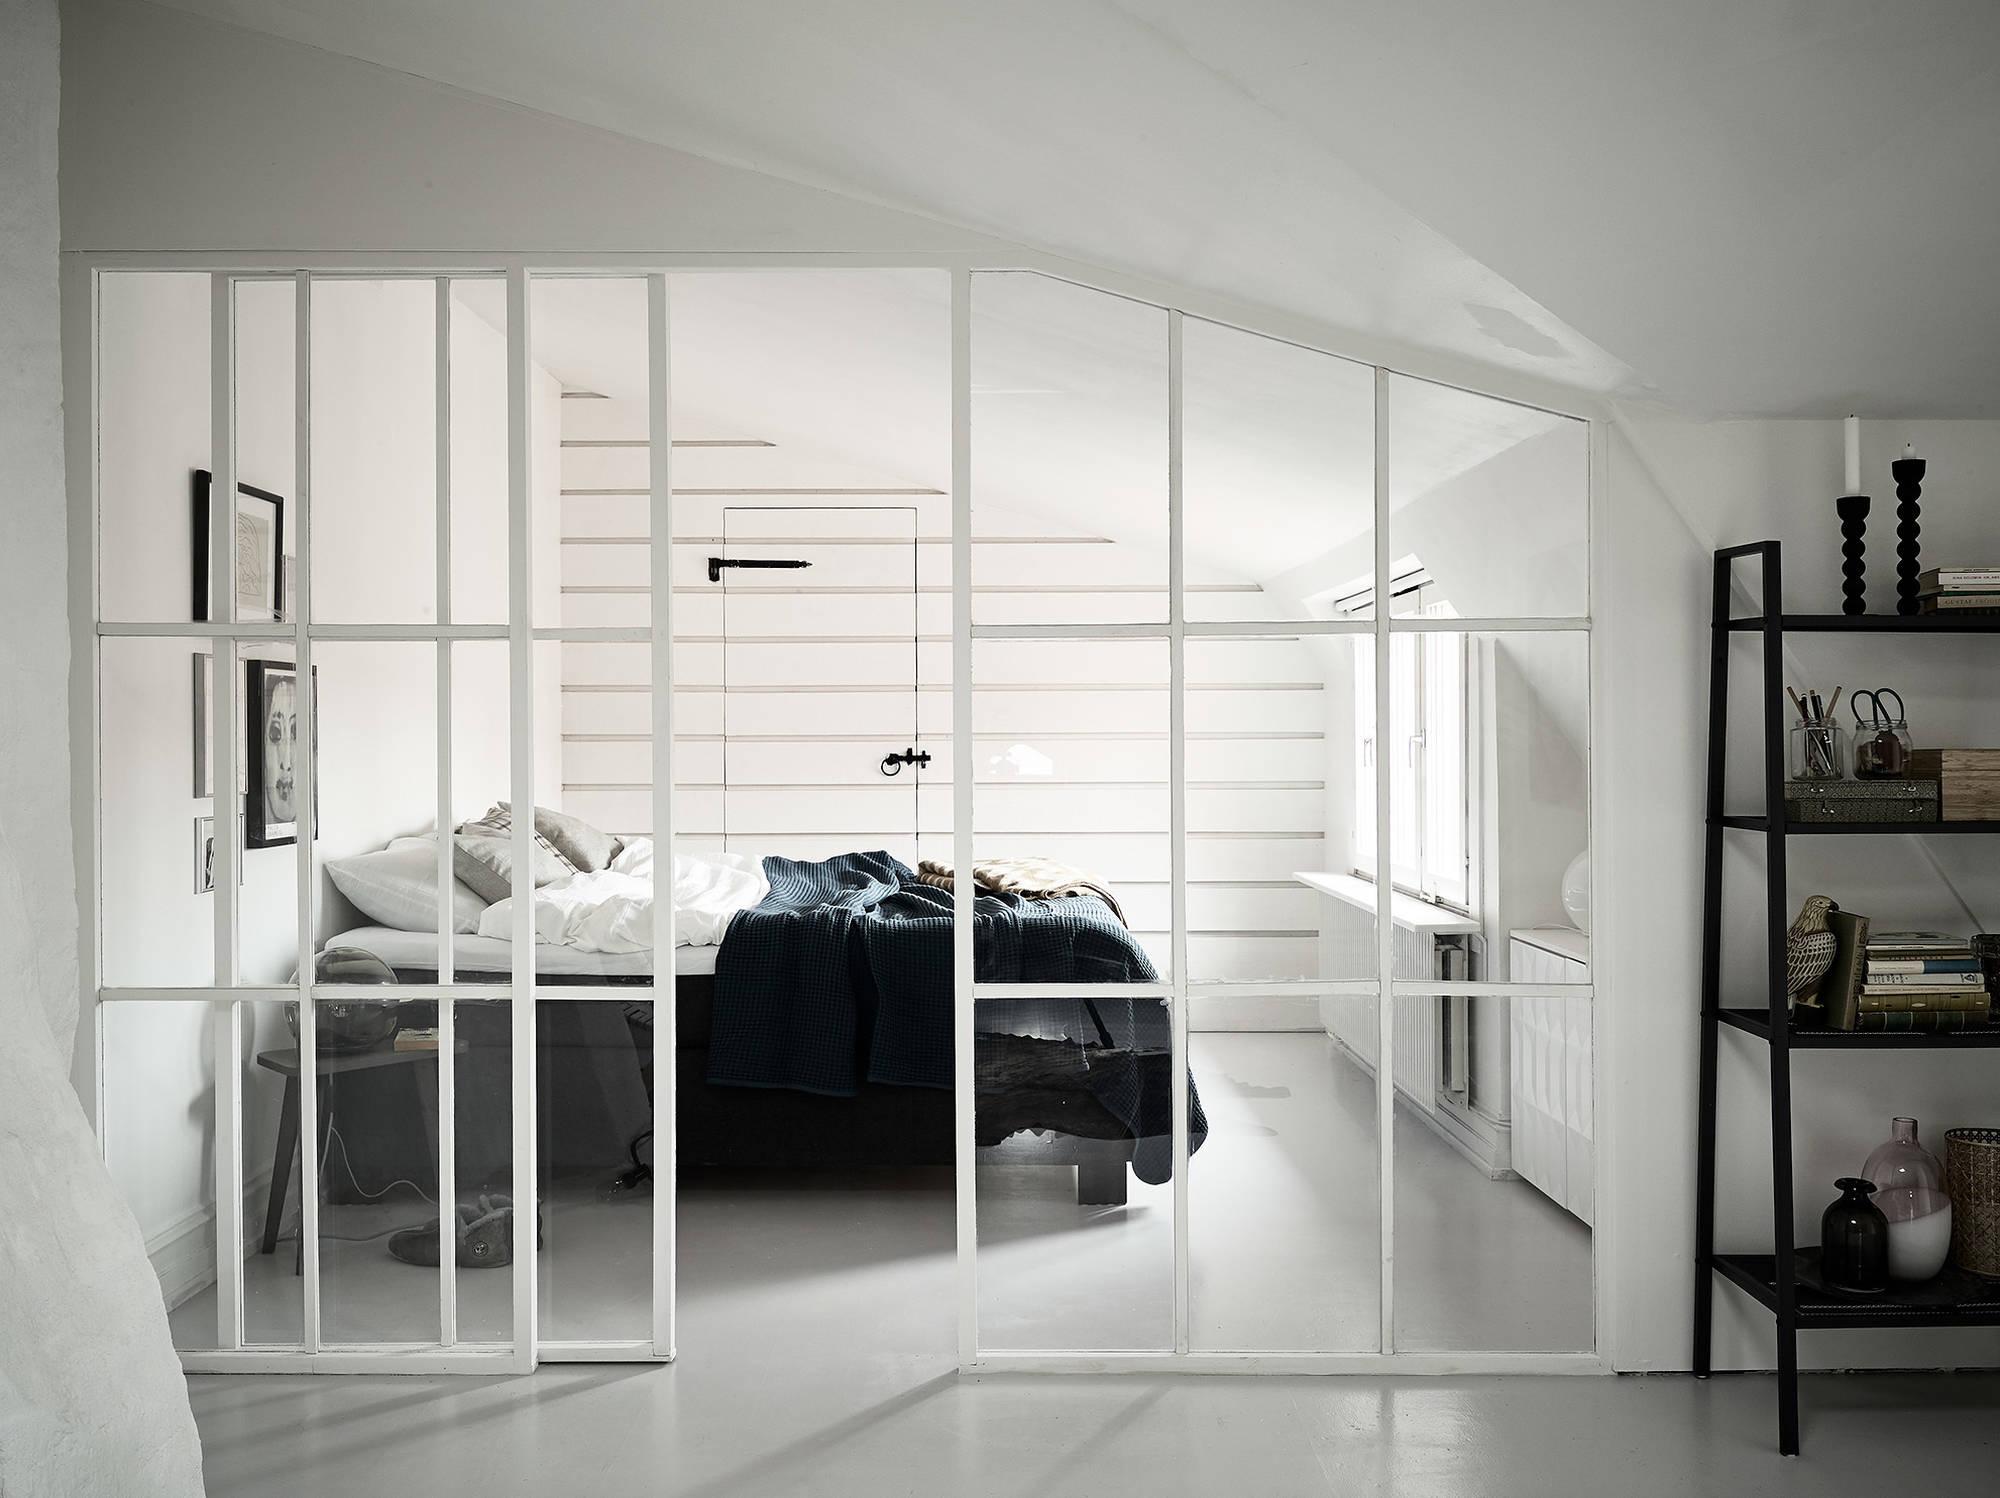 Slaapkamer met een glazen wand met stalen witte kozijnen